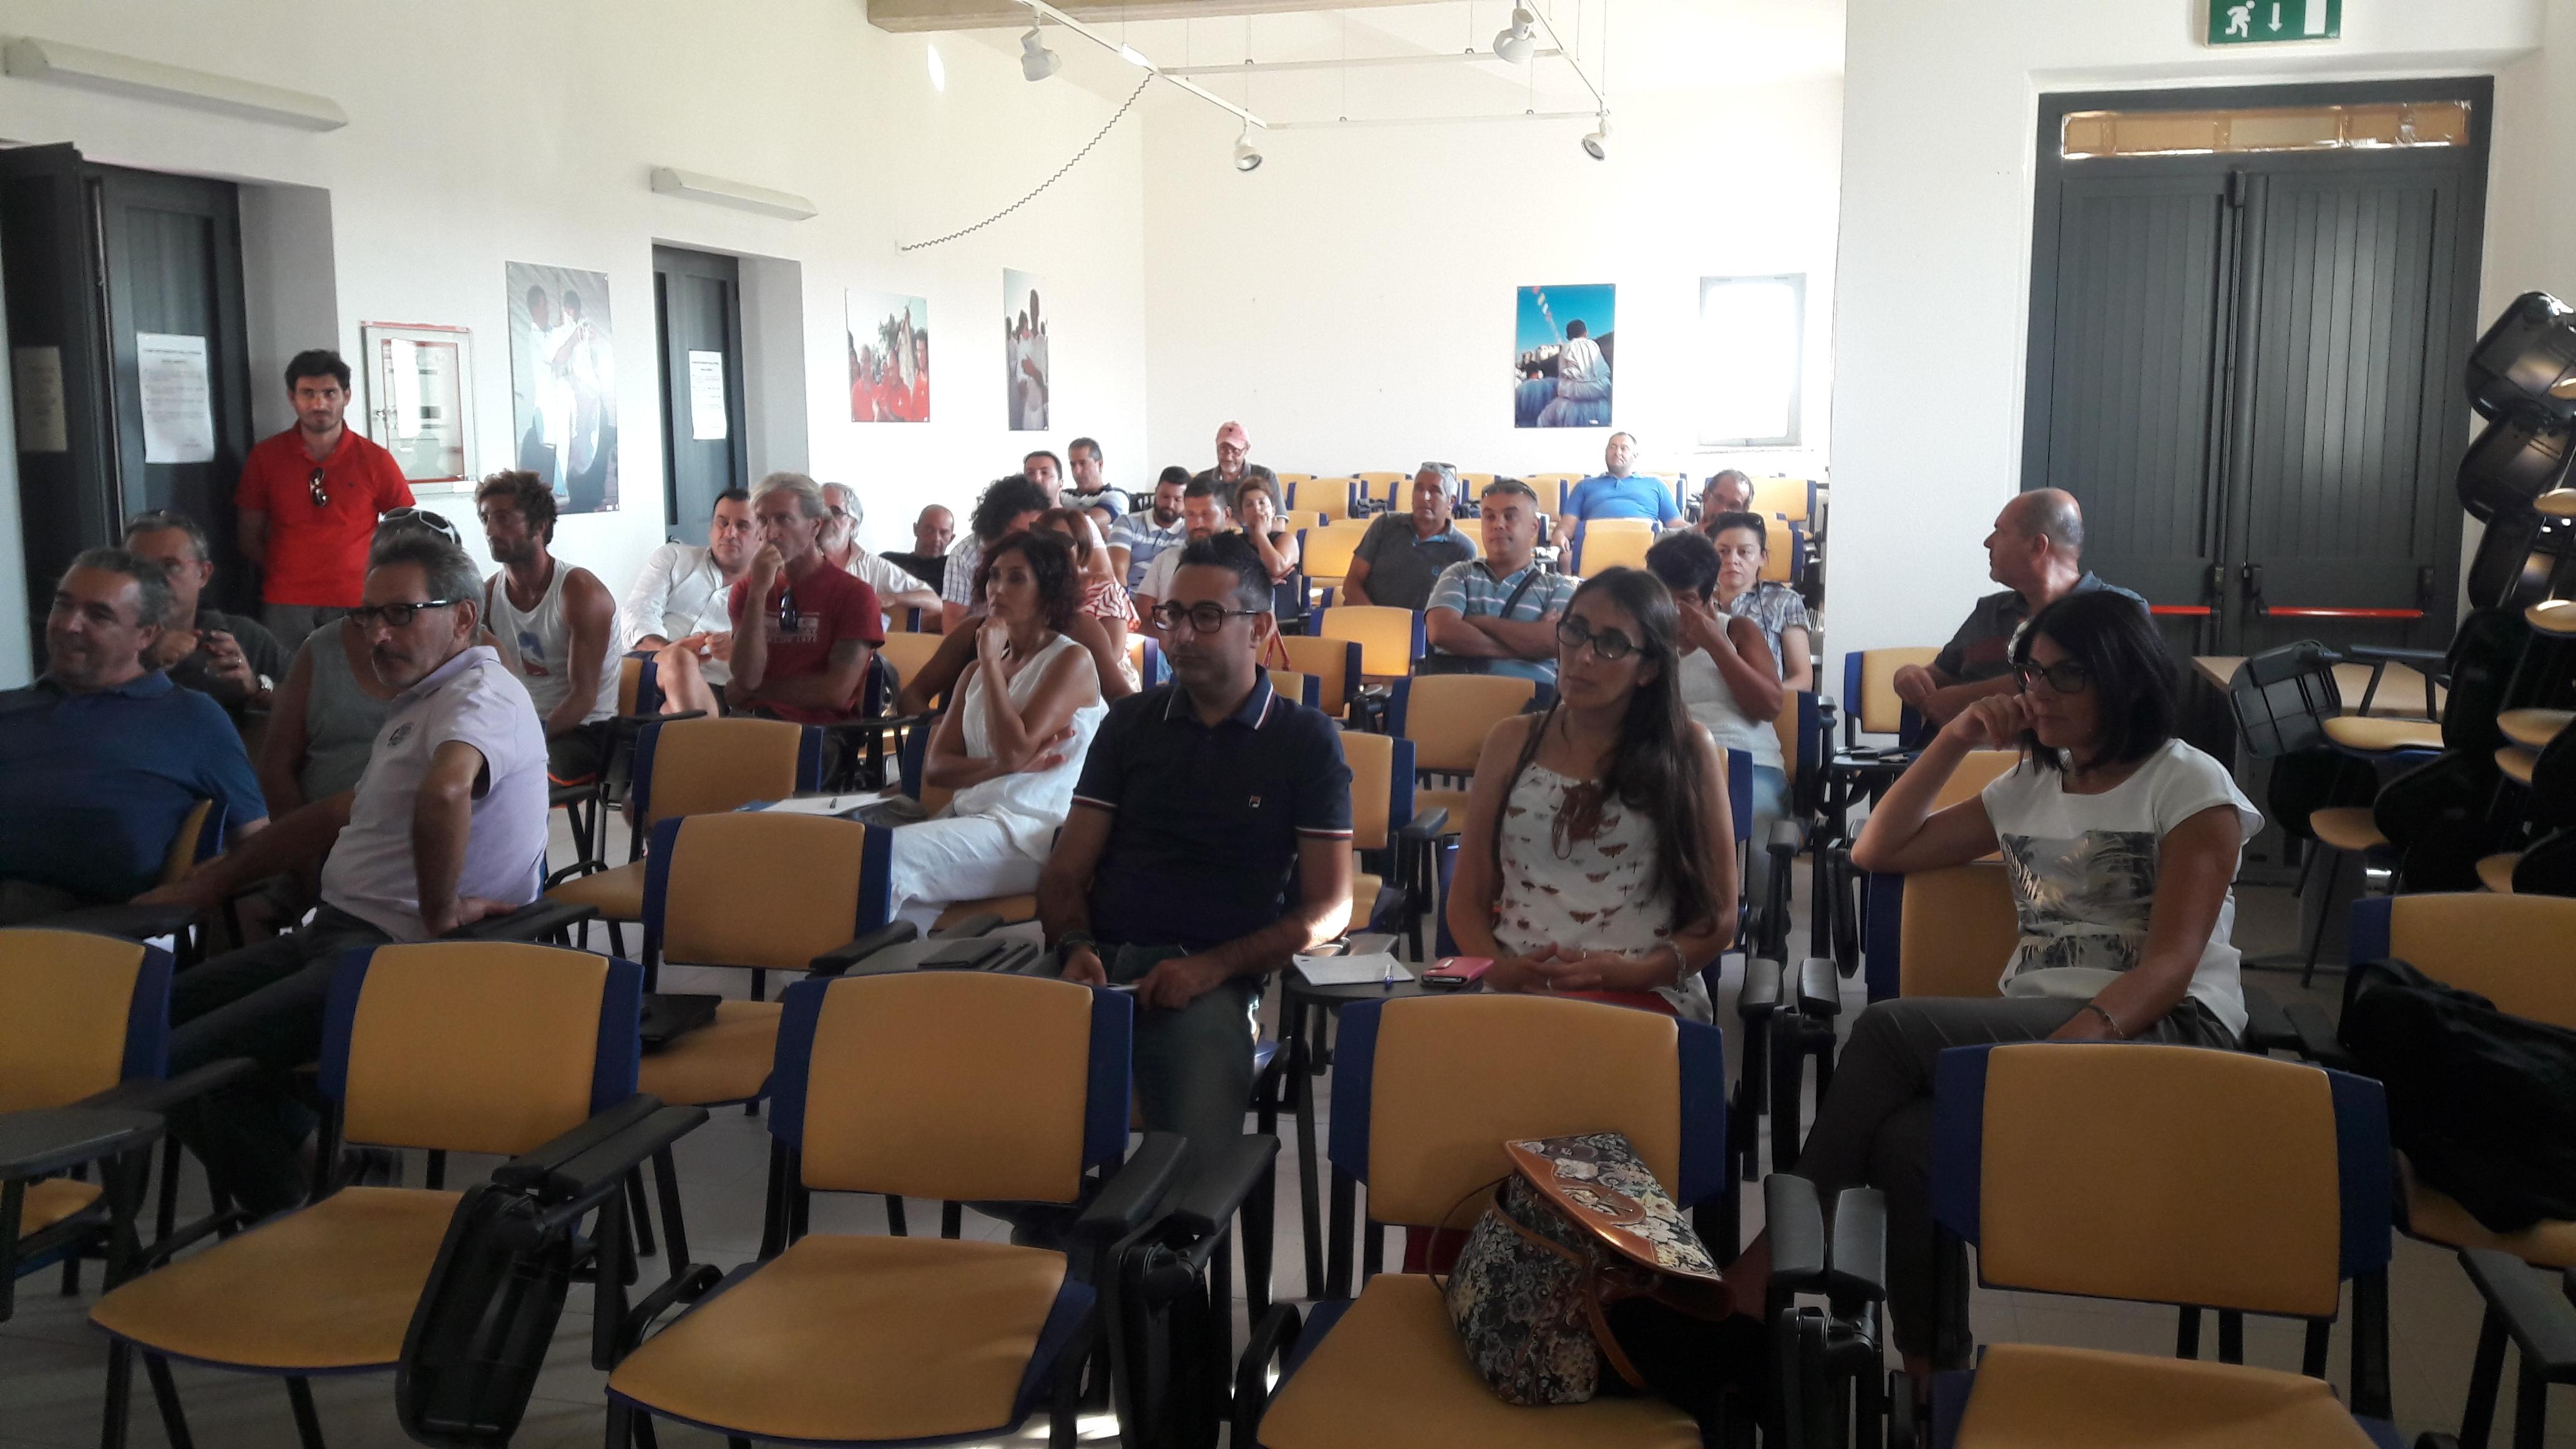 Cabras, 25/08/2016 - Sintesi risultati raggiunti e avvio riflessione su tematismi e strategie per lo Sviluppo Locale